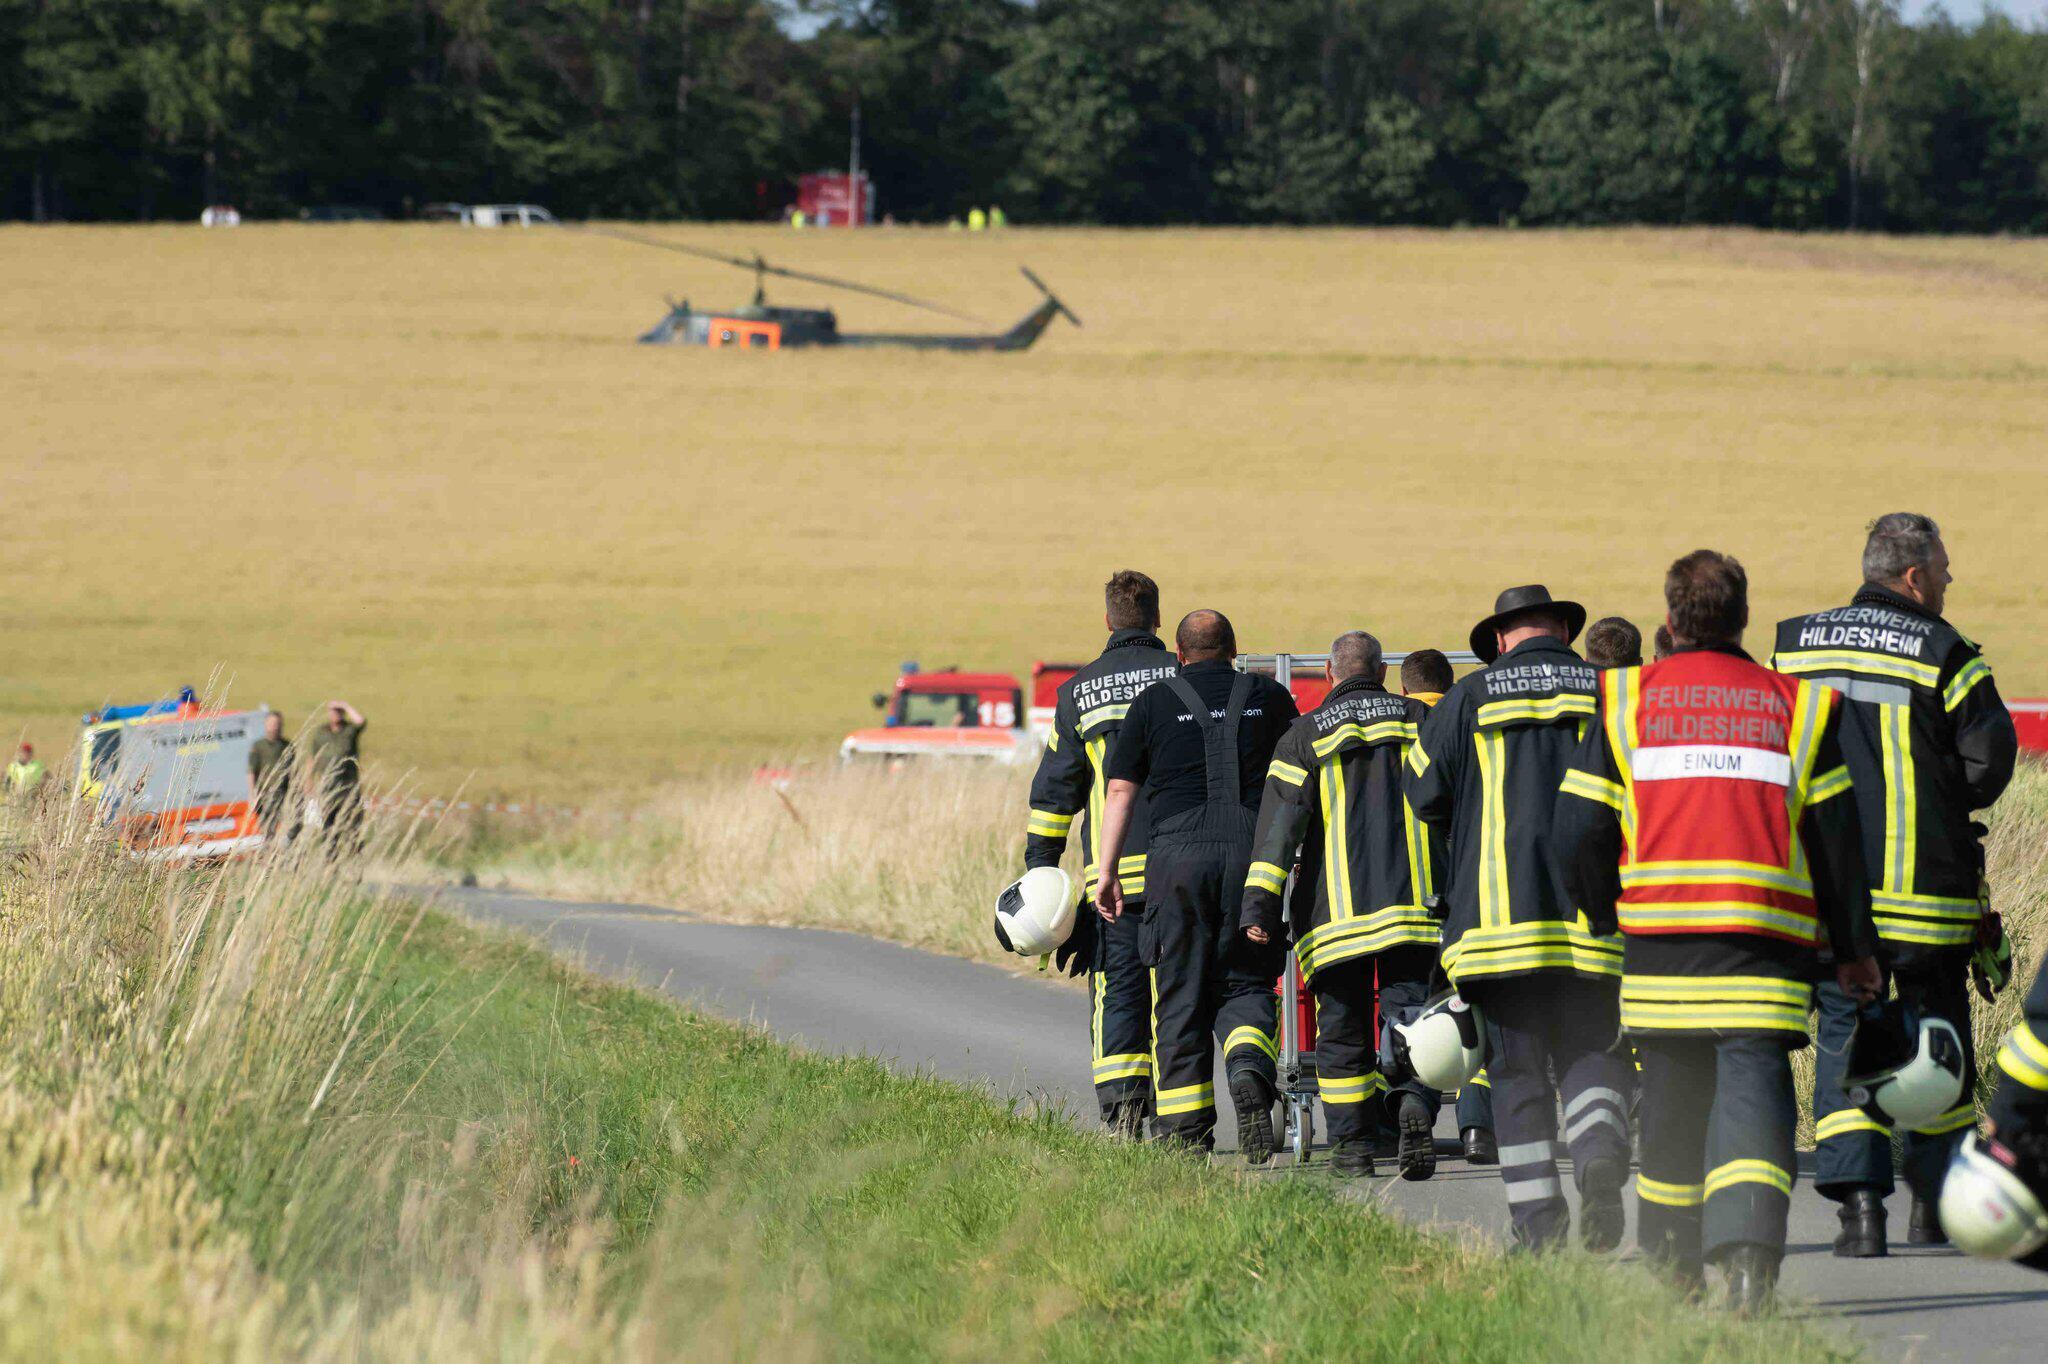 Bild zu Schulungshubschrauber der Bundeswehr abgestürzt